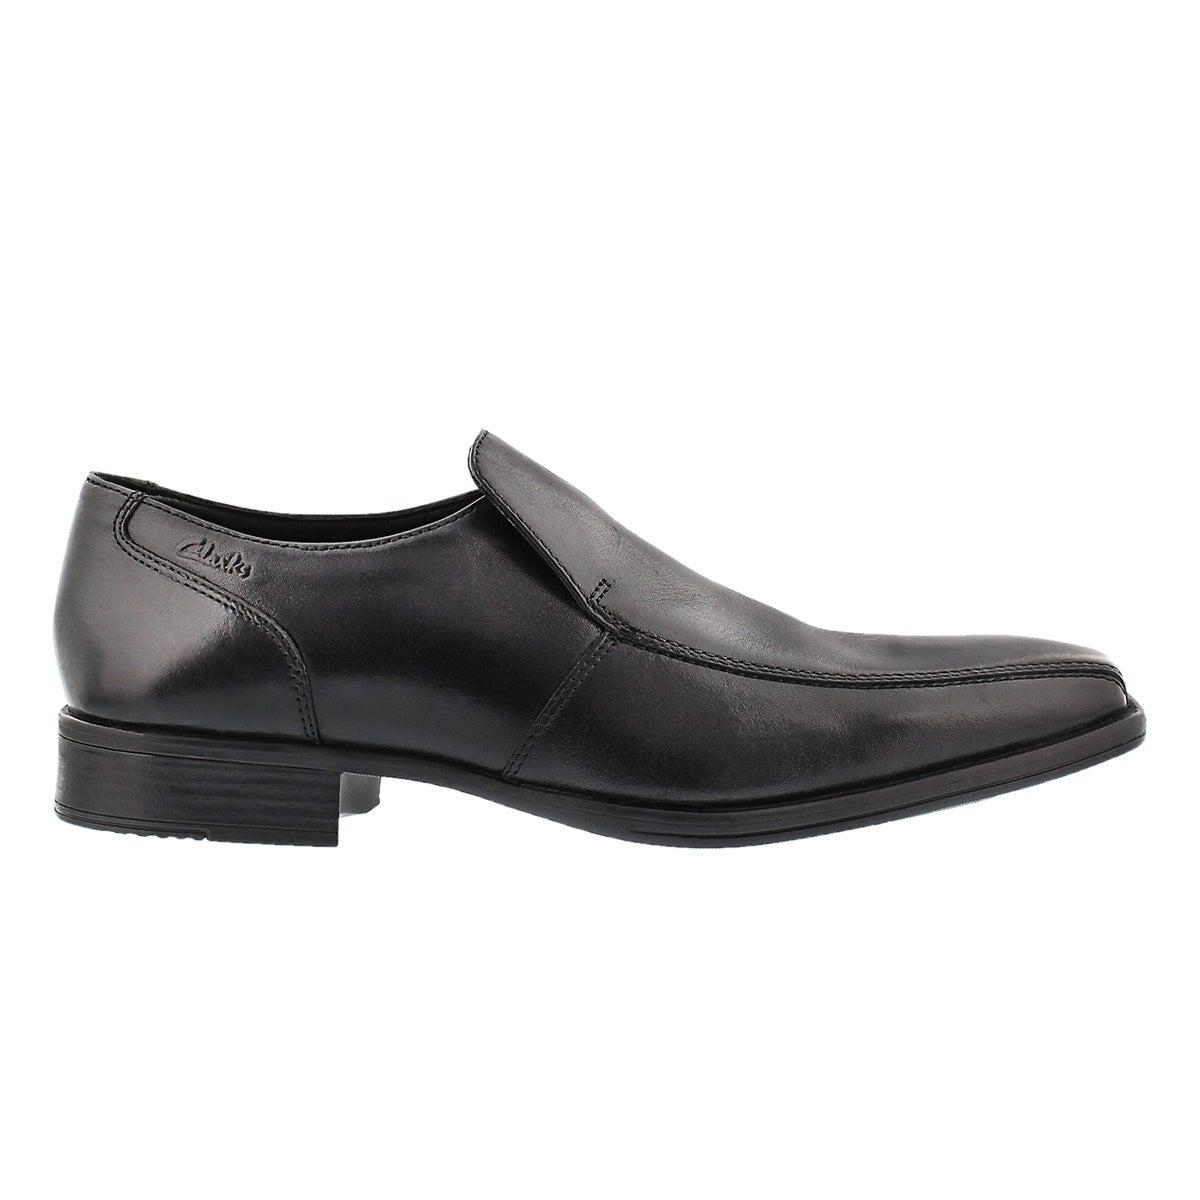 Mns Flenk Step blk slip on dress shoe